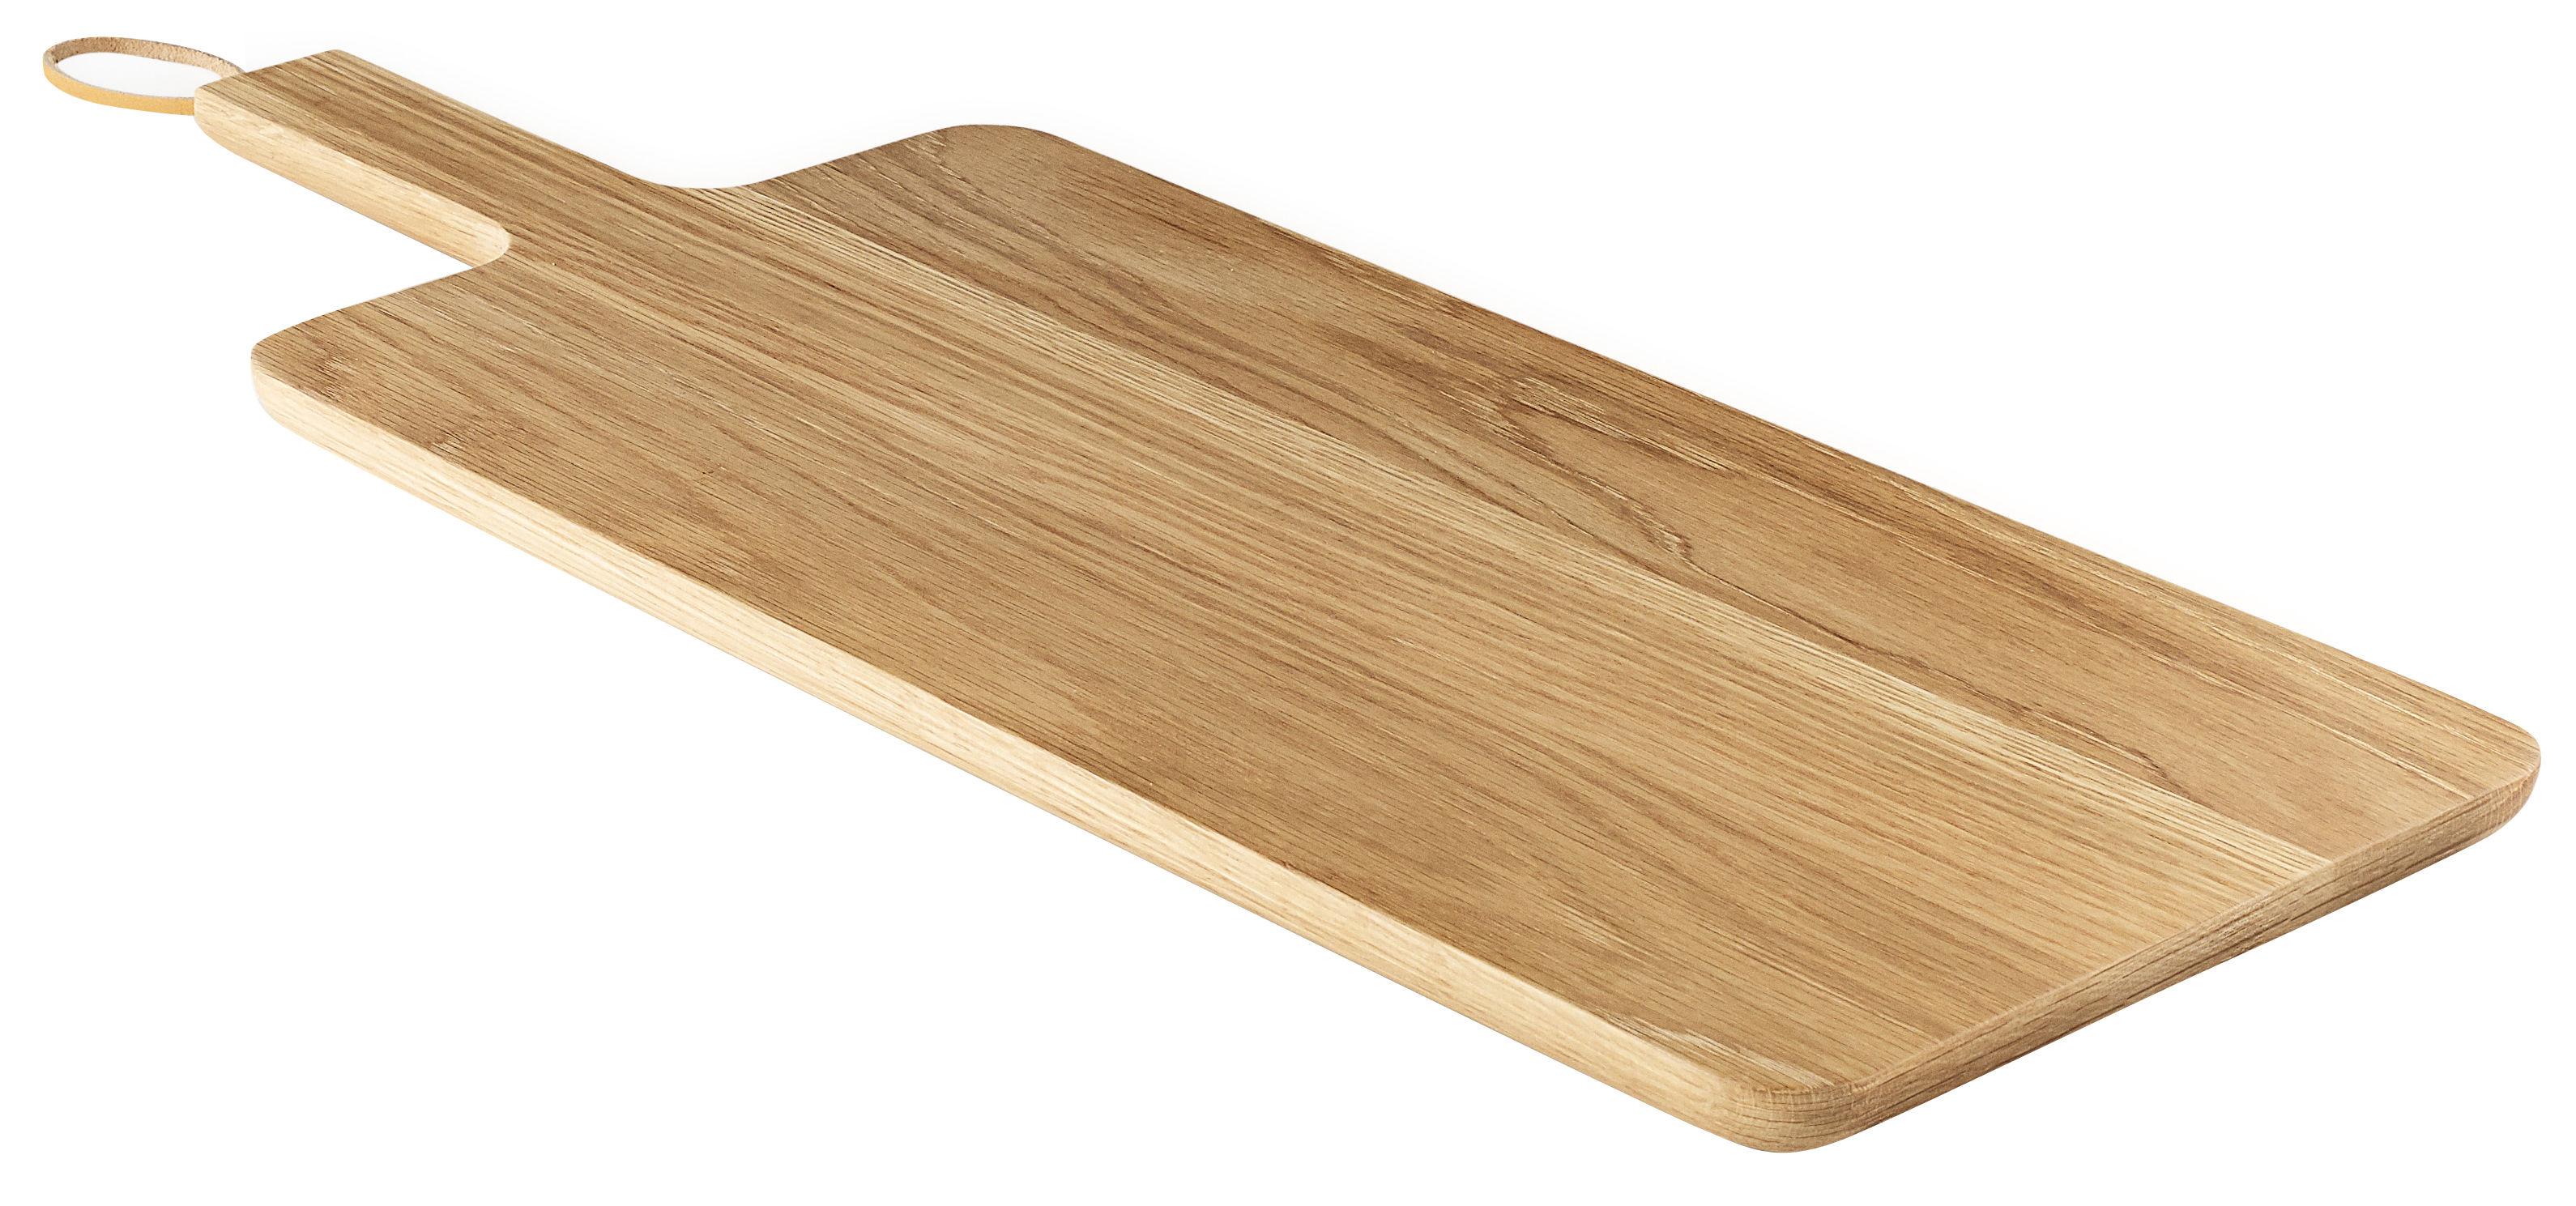 Cuisine - Ustensiles de cuisines - Planche à découper Nordic Kitchen / Chêne - 22 x 44 cm - Eva Solo - Chêne / 22 x 44 cm - Chêne, Cuir